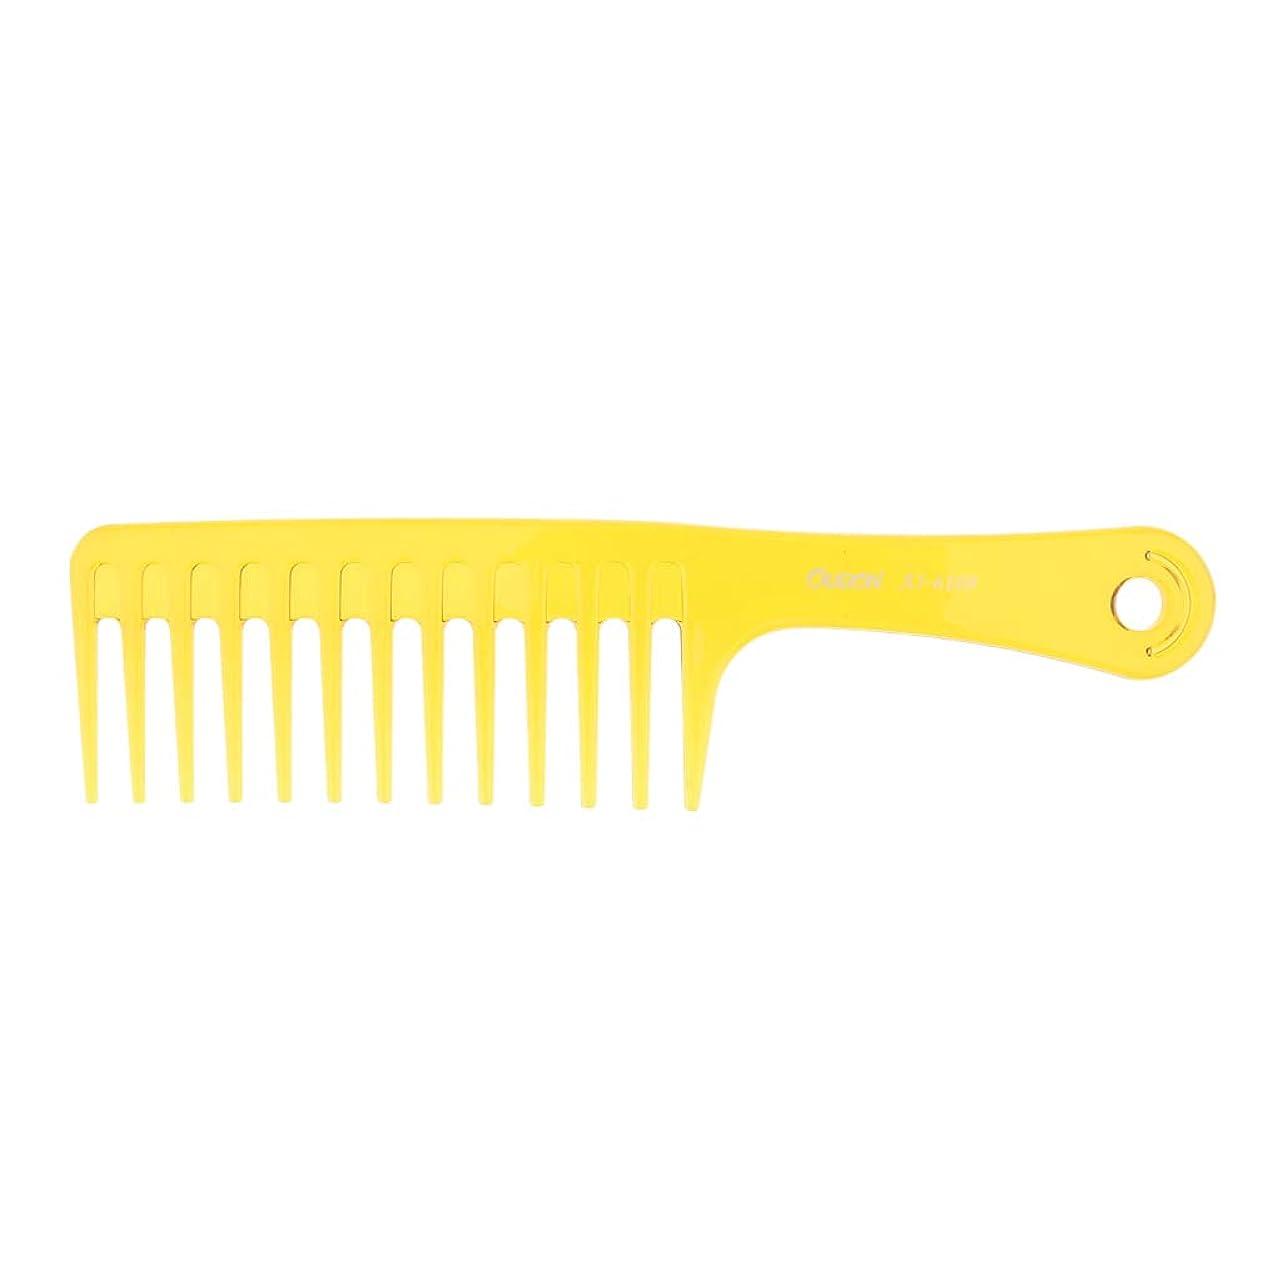 アメリカくすぐったい賢いP Prettyia ヘアブラシ 帯電防止櫛 プラスチック製 ヘアコーム サロン用 自宅用 2色選べ - 黄